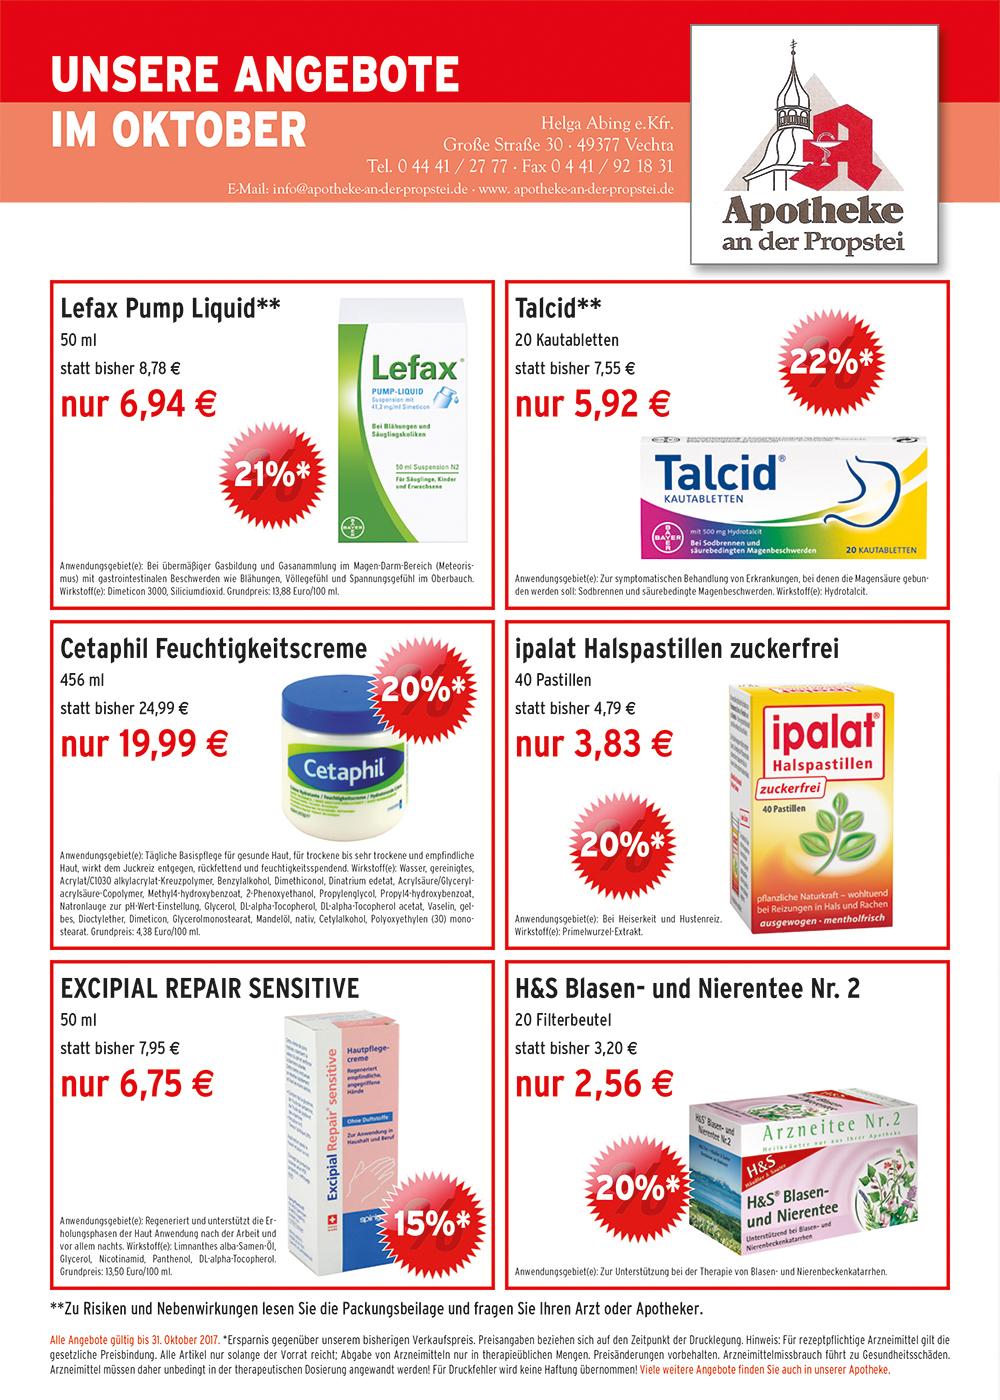 http://www.apotheken.de/fileadmin/clubarea/00000-Angebote/49377_an_der_propstei_angebot_1.jpg